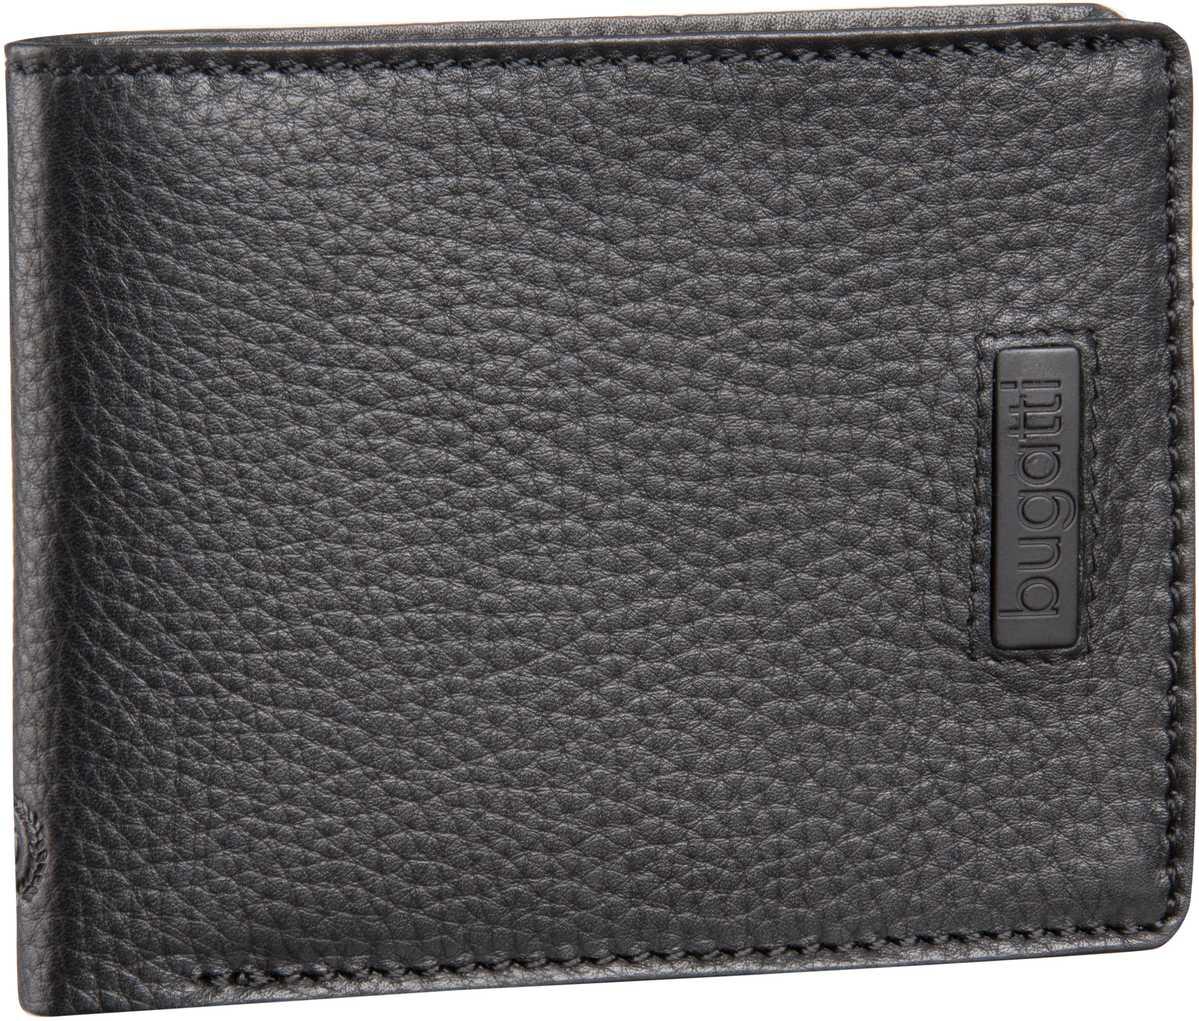 Pregio Wallet 9 Kartenfächer Schwarz